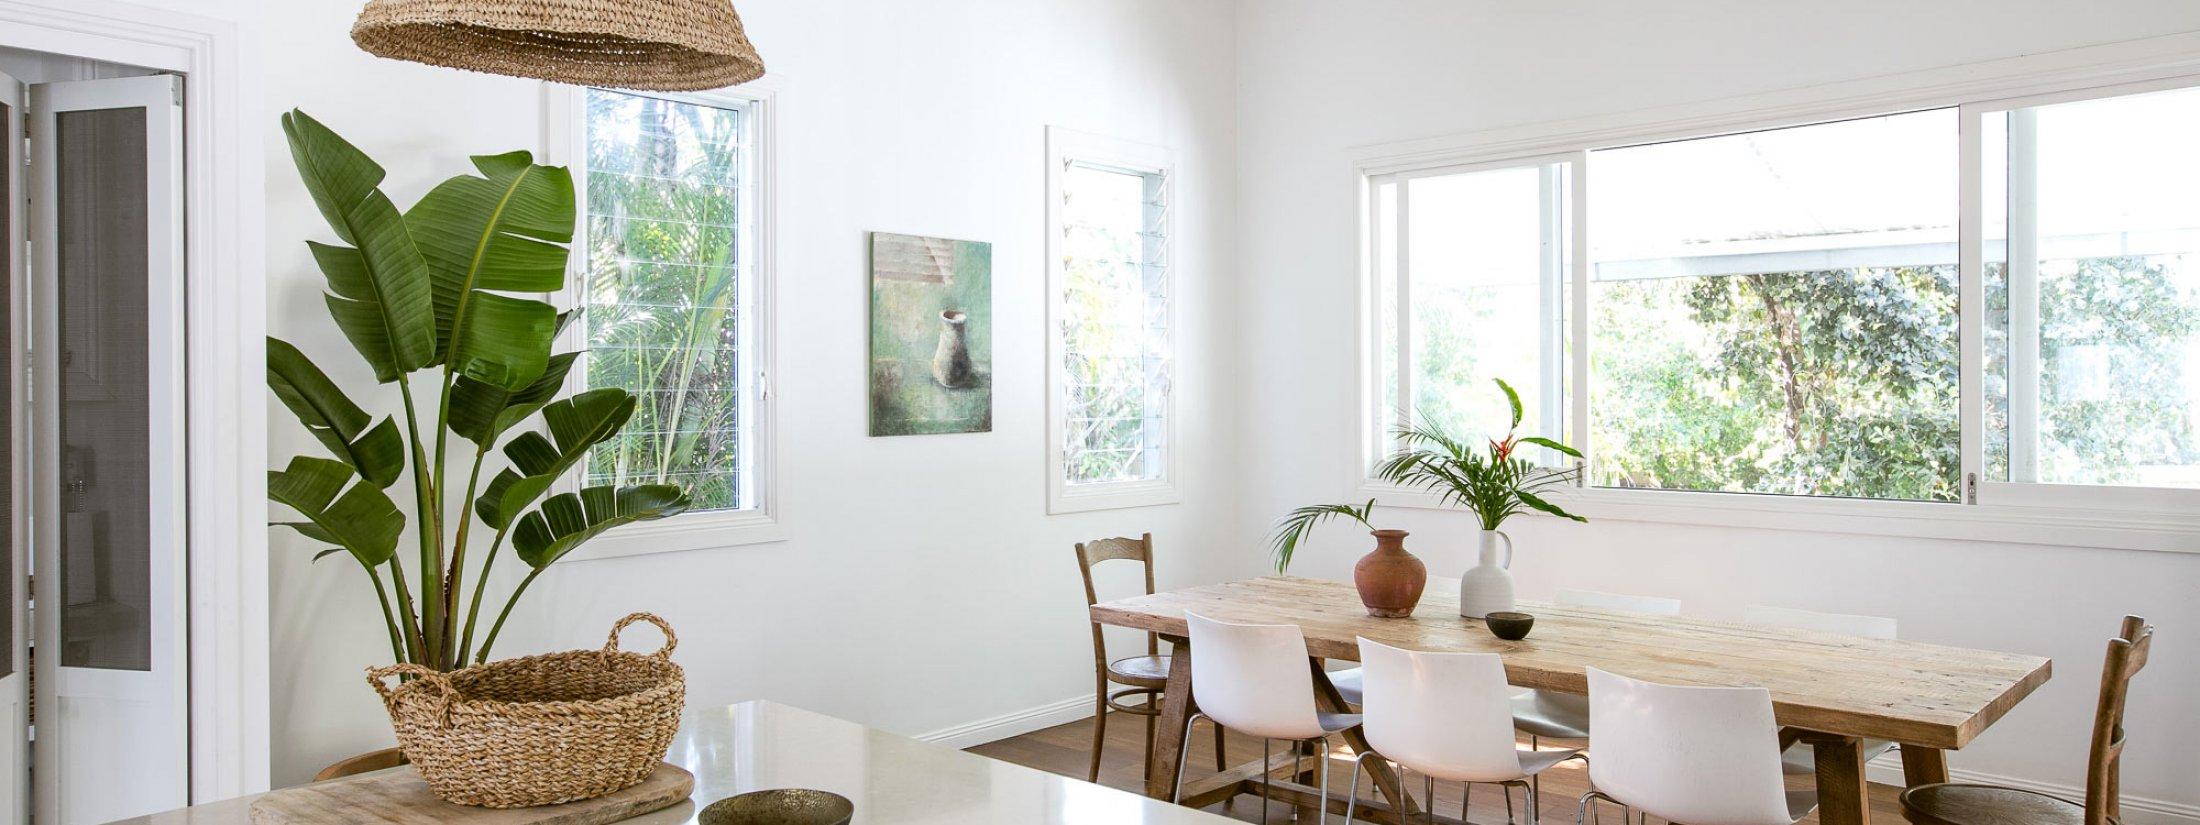 Kia Ora - Byron Bay - Kitchen to Dining area